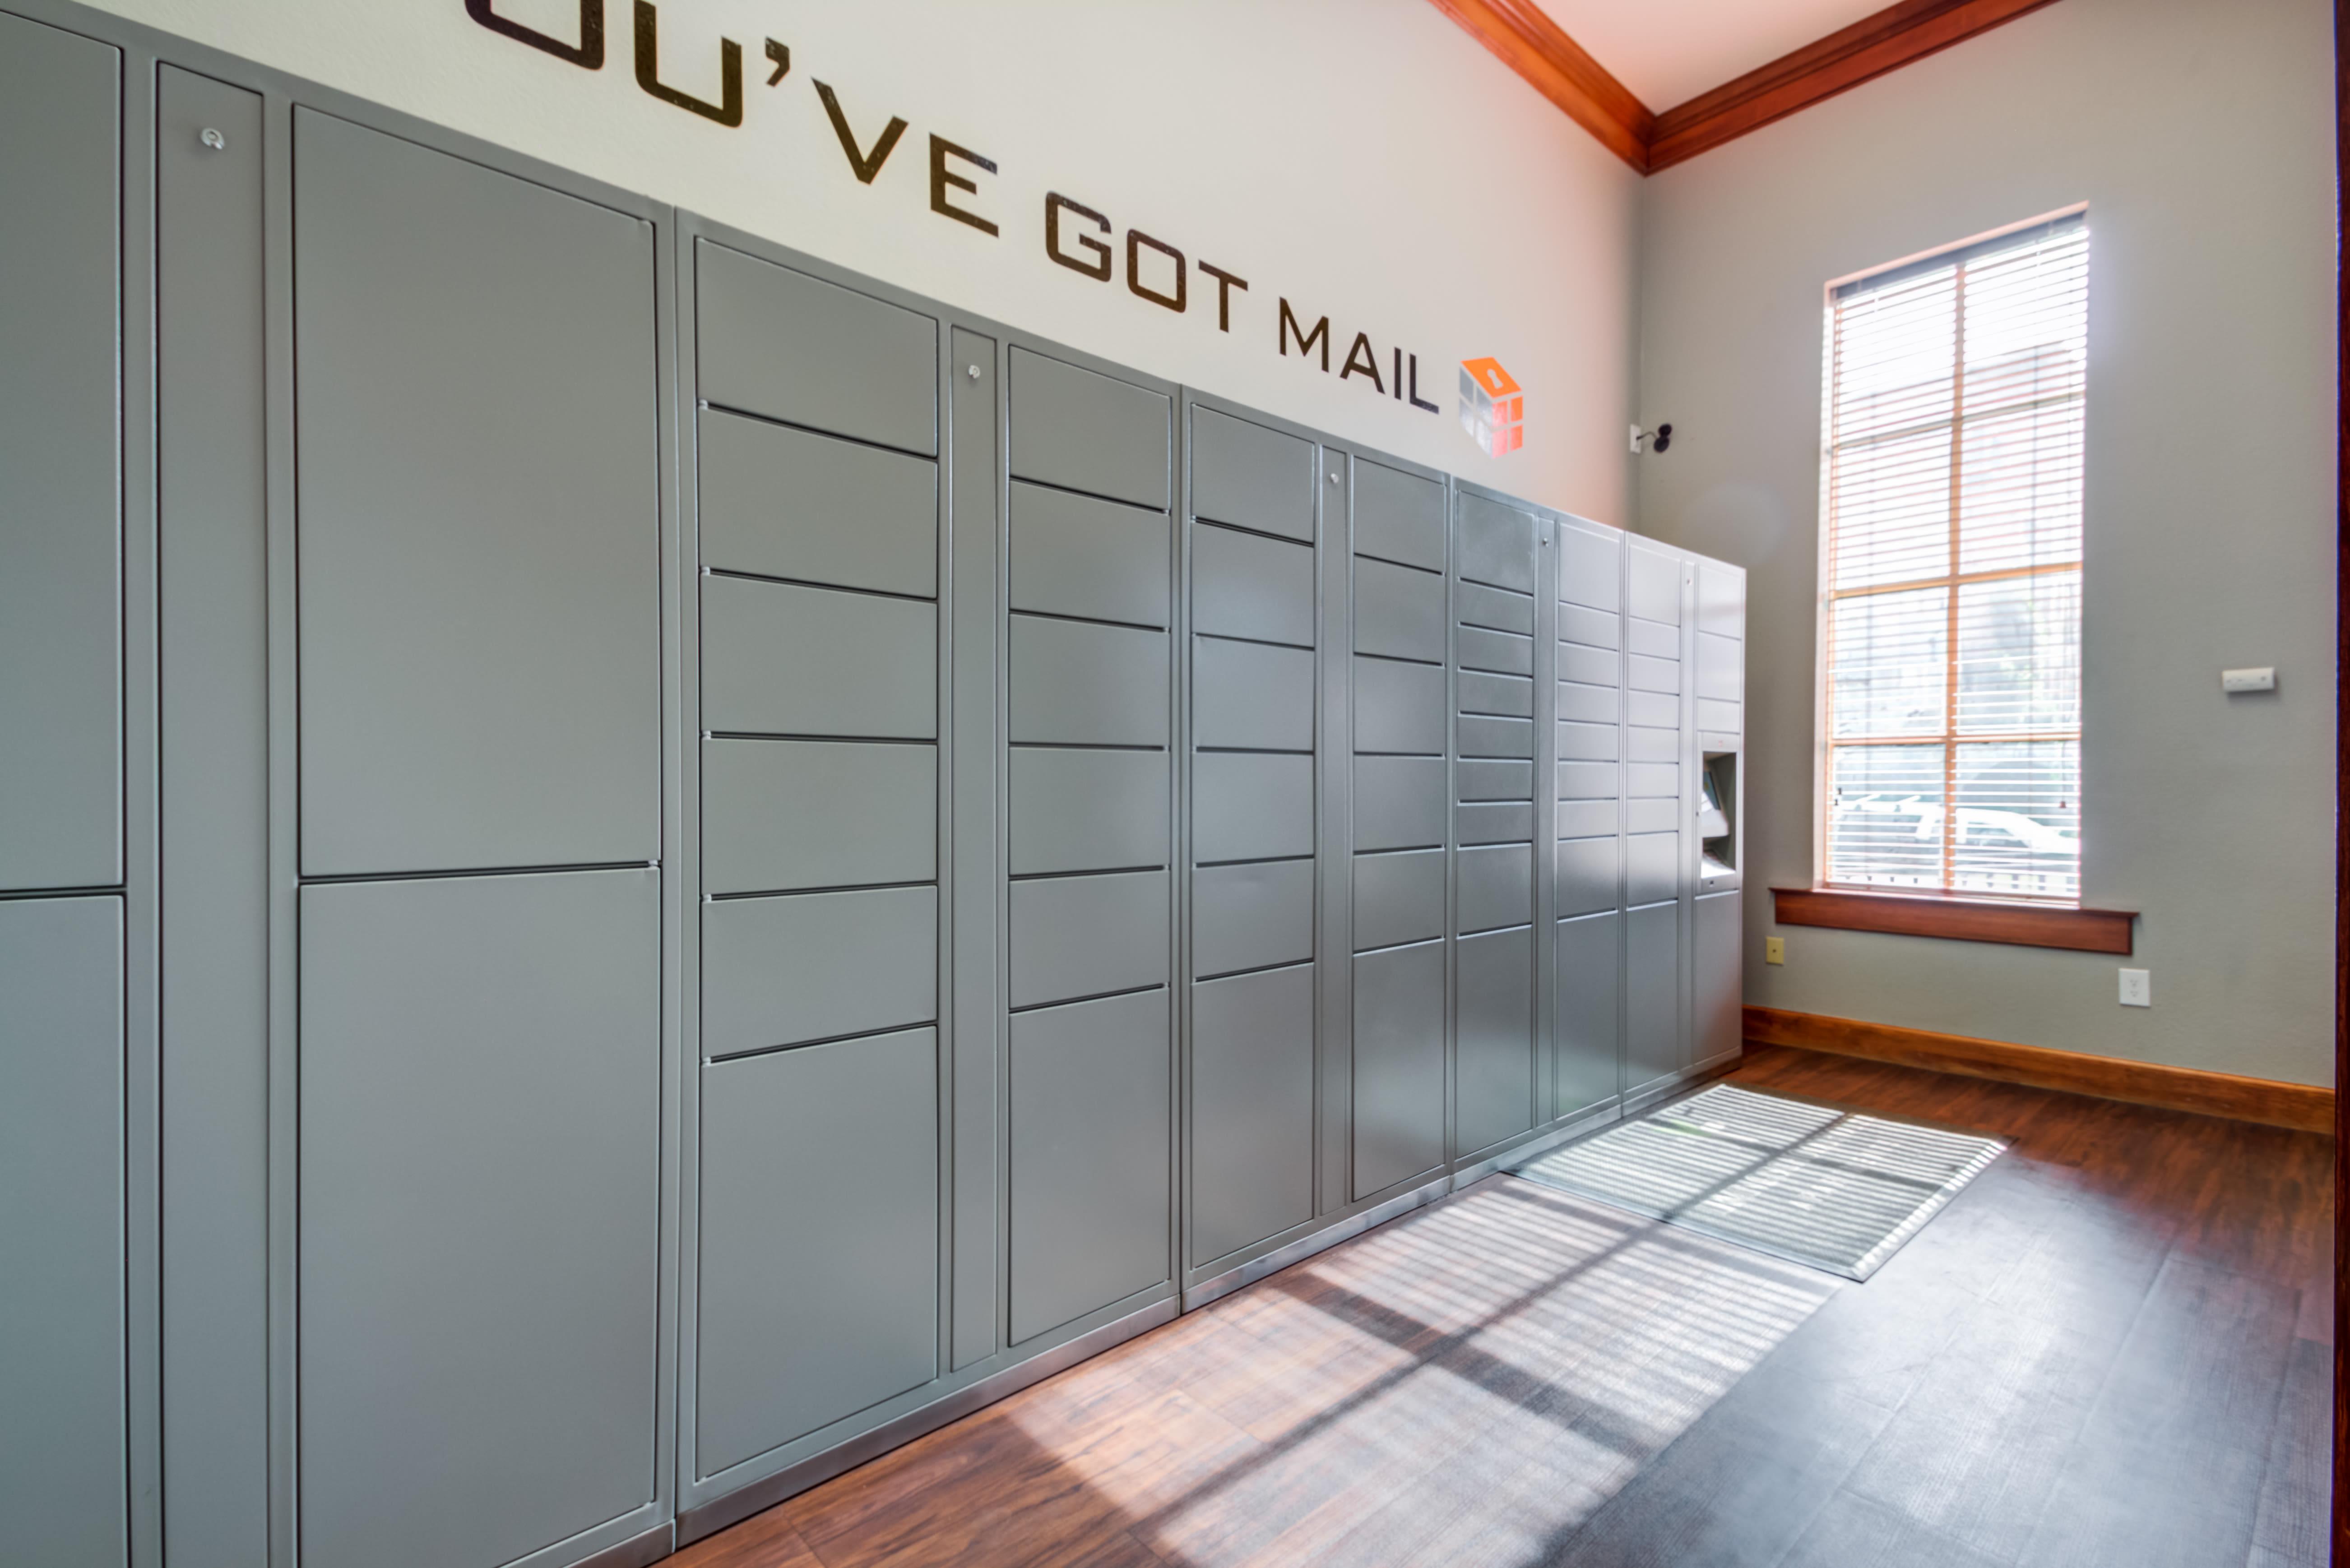 Package receiving at Irving Schoolhouse Apartments in Salt Lake City, Utah